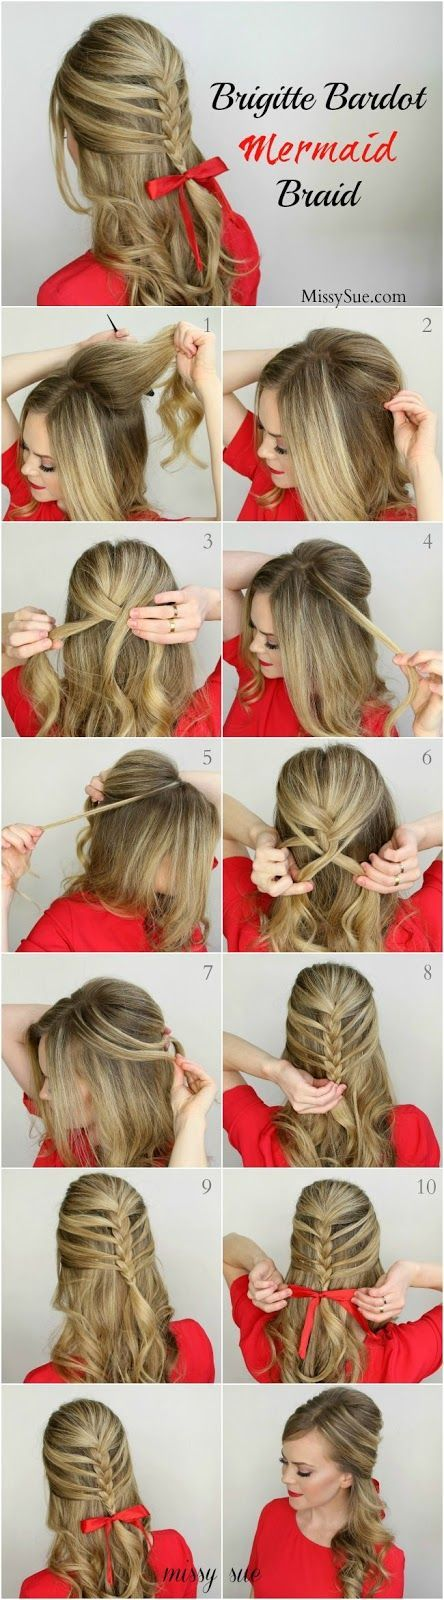 Echa un vistazo a la mejor peinados navidad en las fotos de abajo y obtener ideas!!! 17 Peinados para Navidad